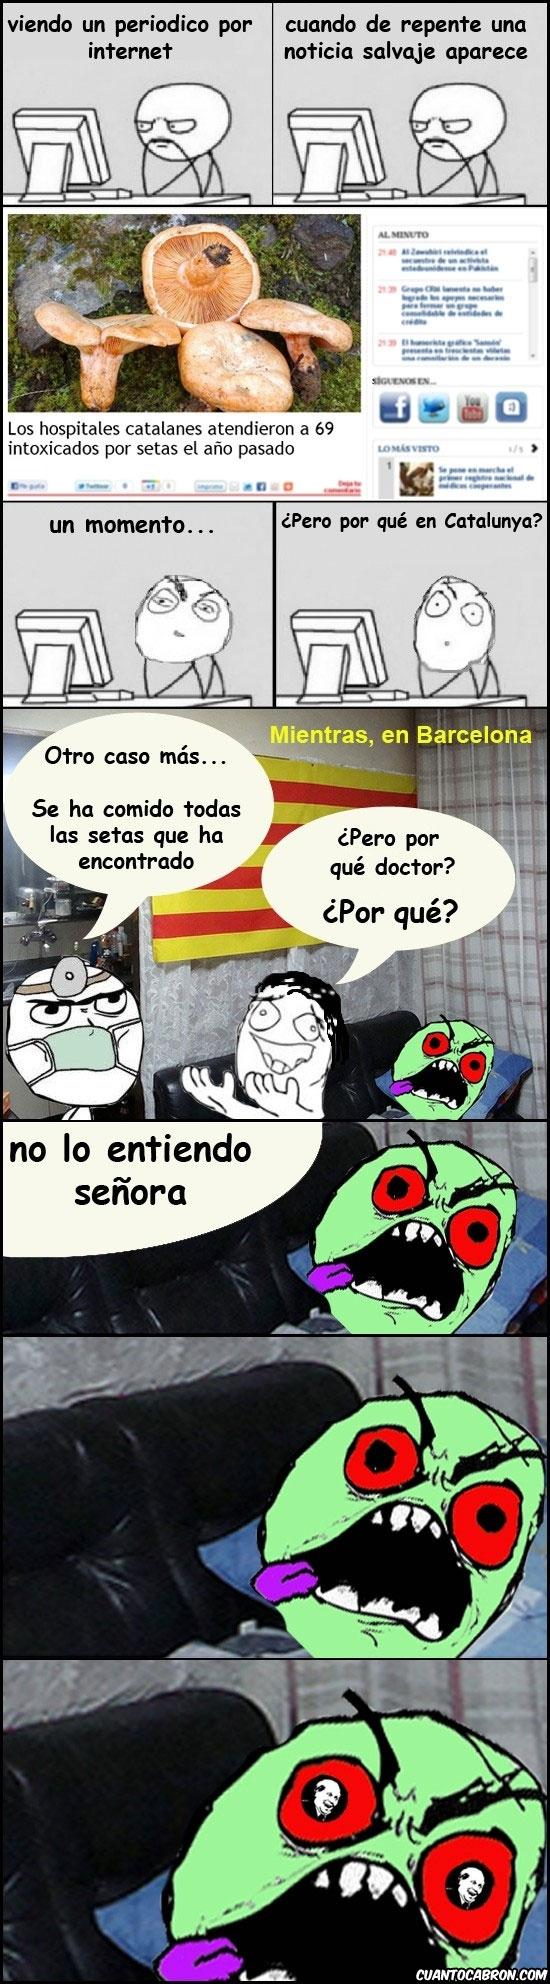 Its_free - Intoxicaciones por setas en Catalunya